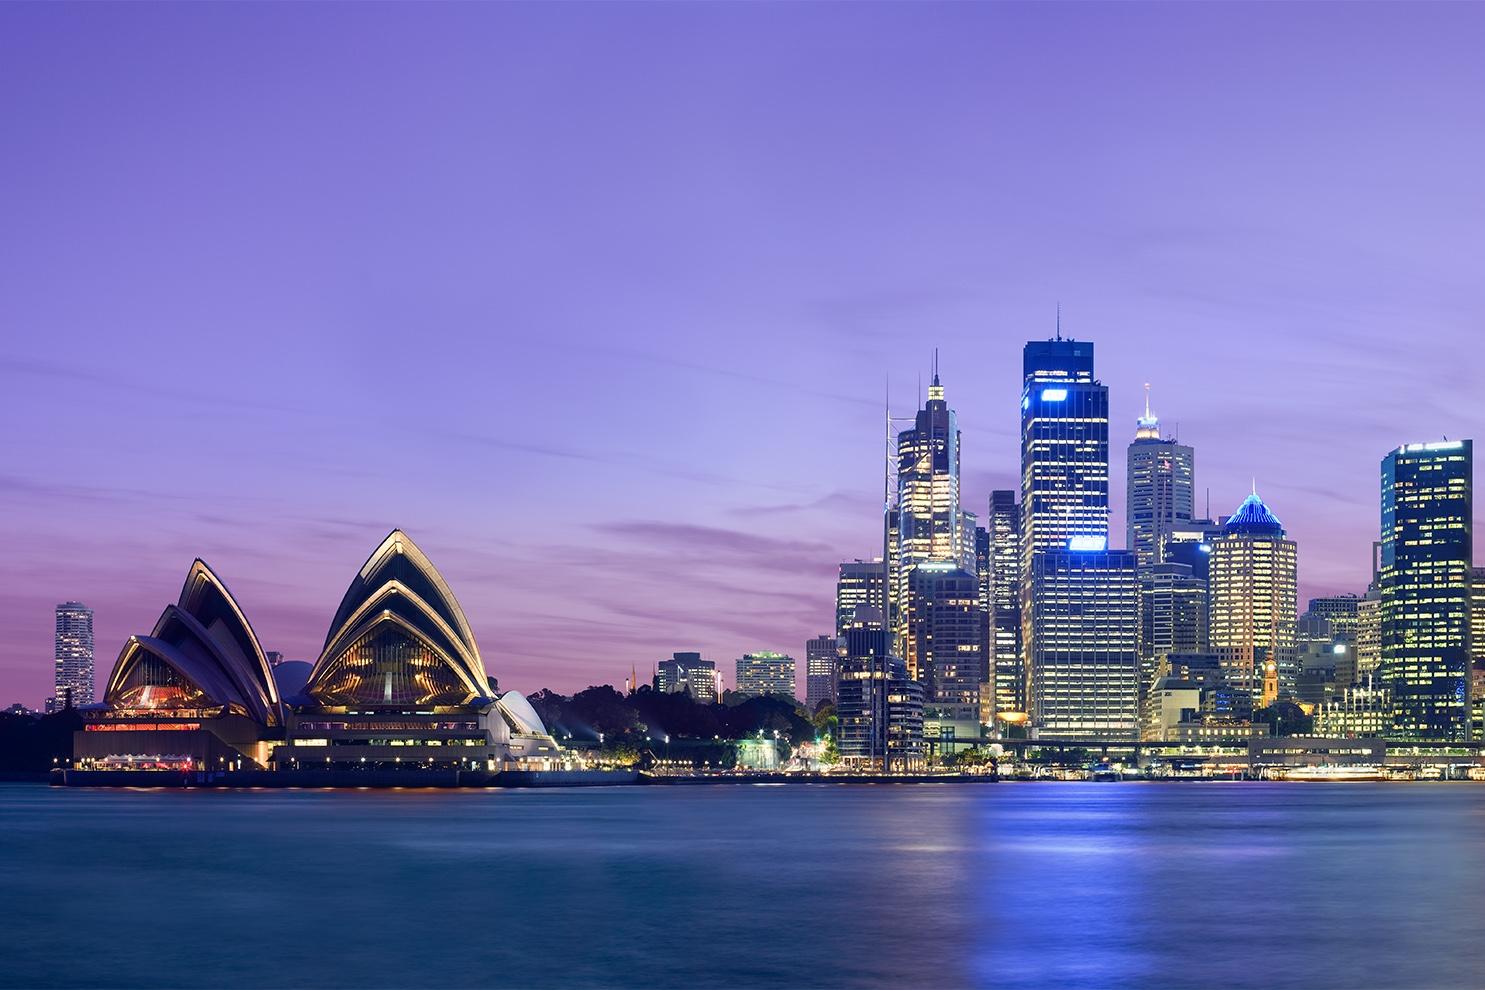 Sydney_skyline_at_dusk_-_Dec_2008 (1).jpg